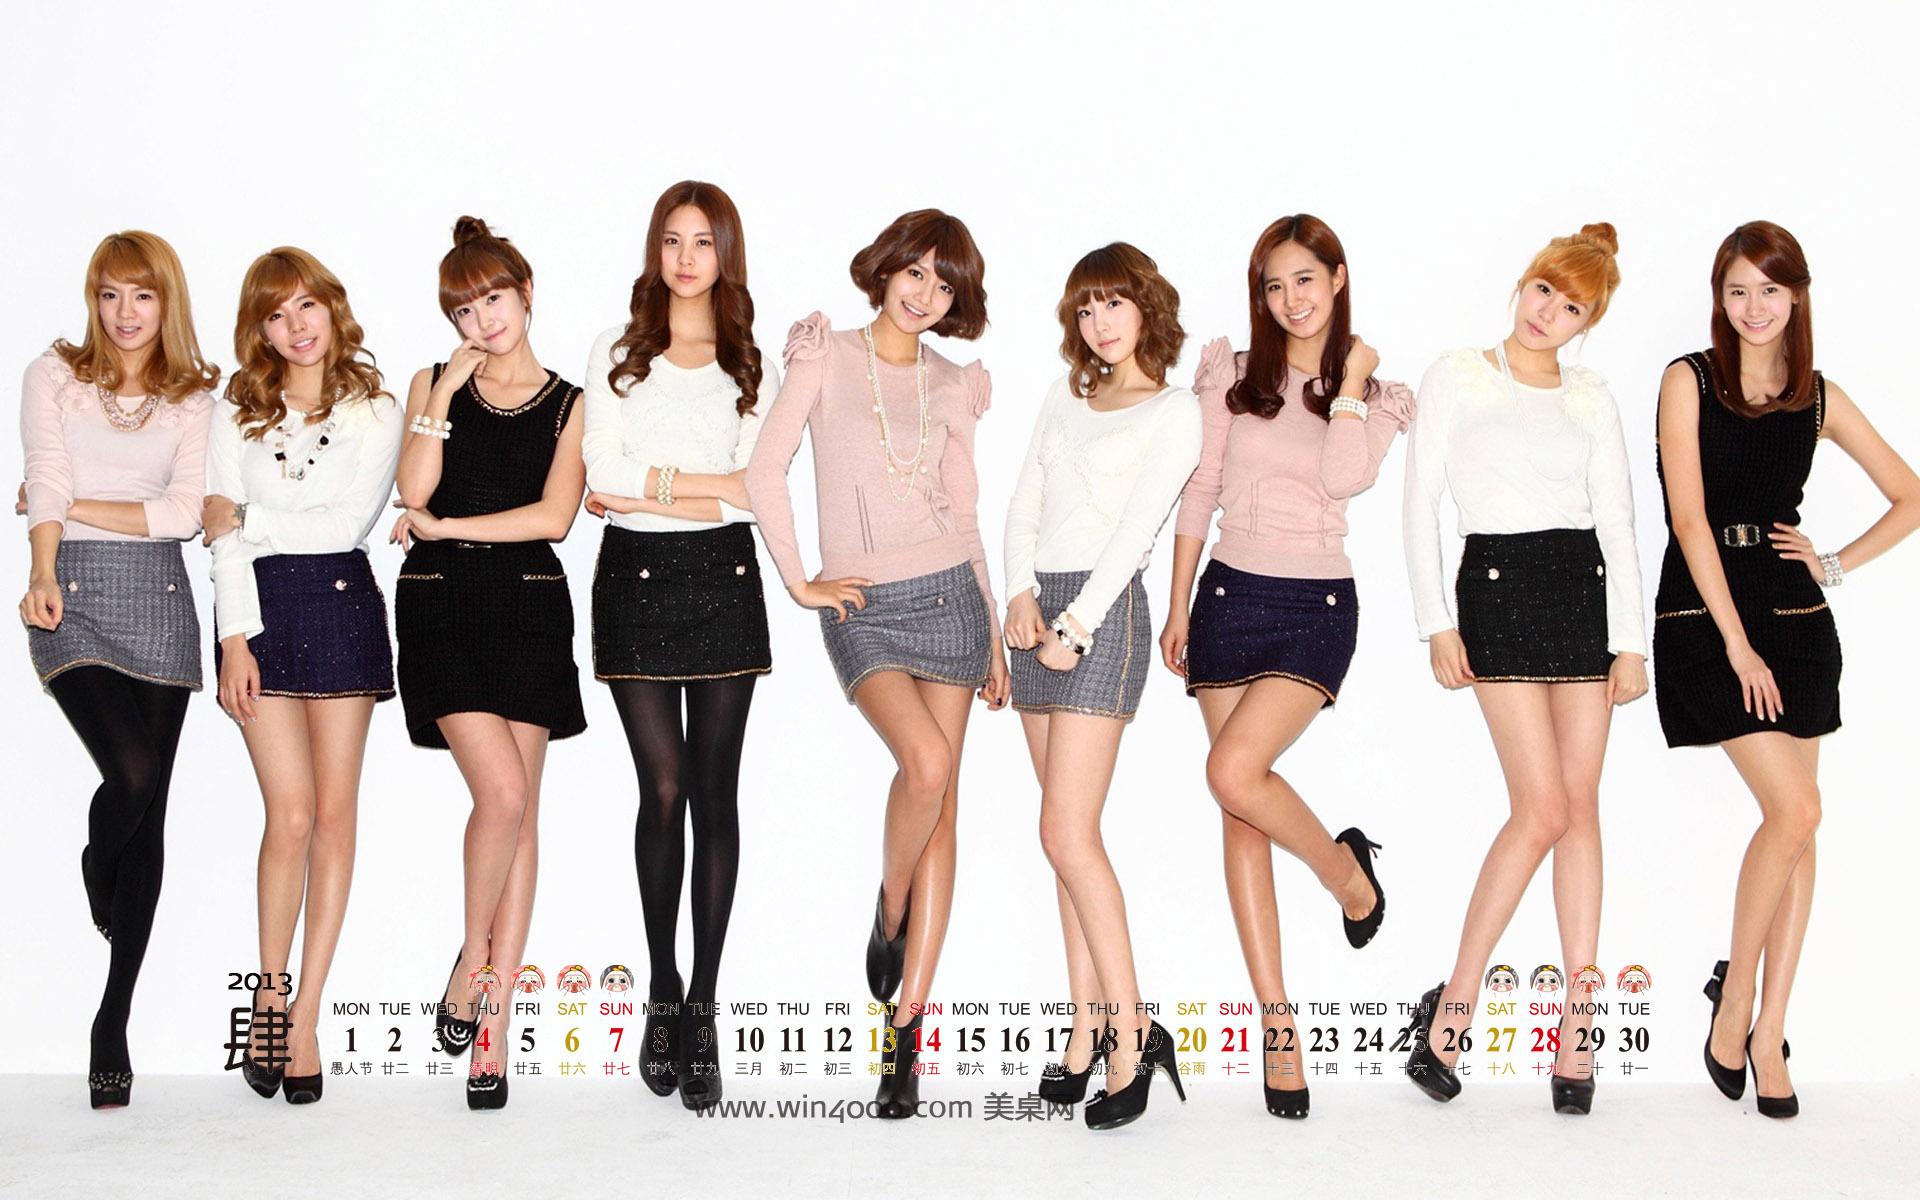 求韩国女明星高清壁纸